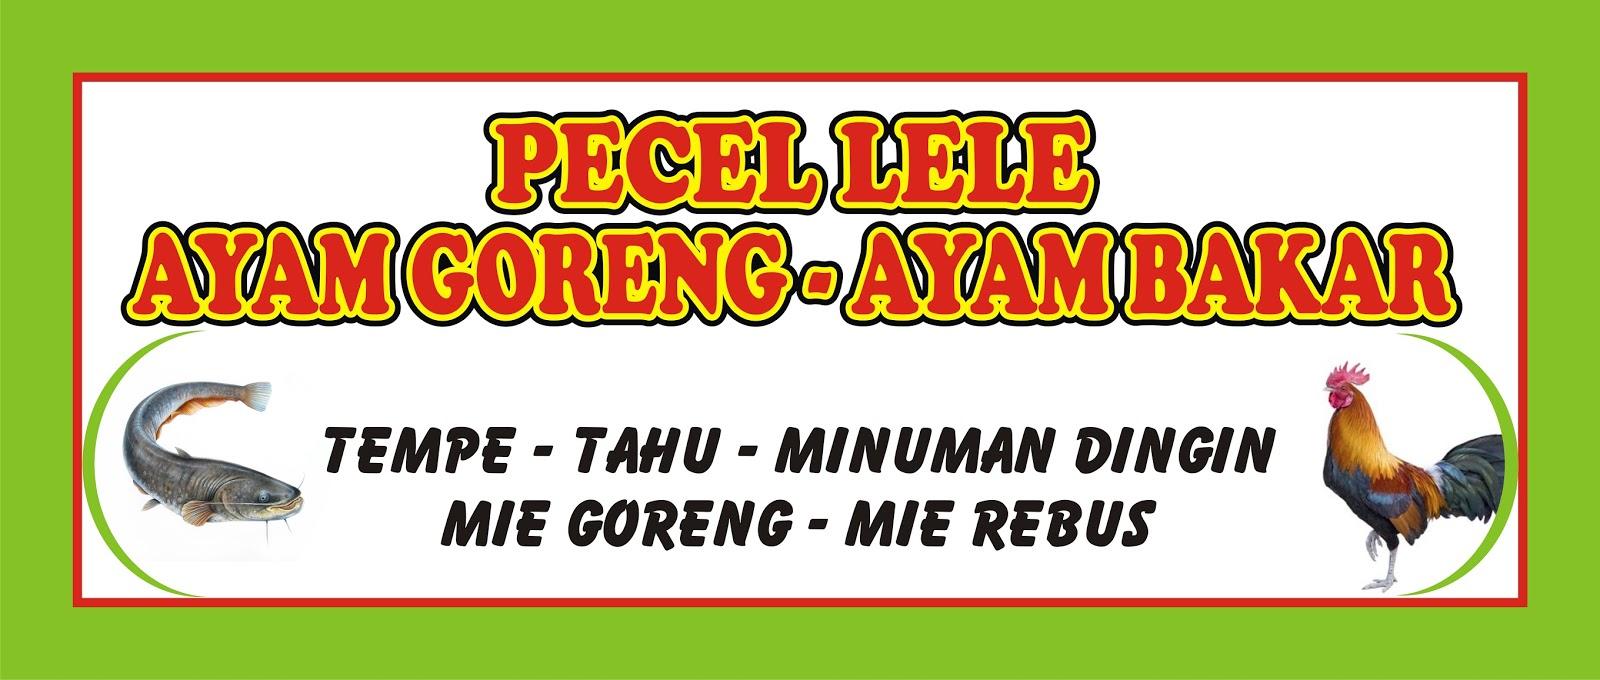 Download Spanduk Pecel Lele.cdr - KARYAKU